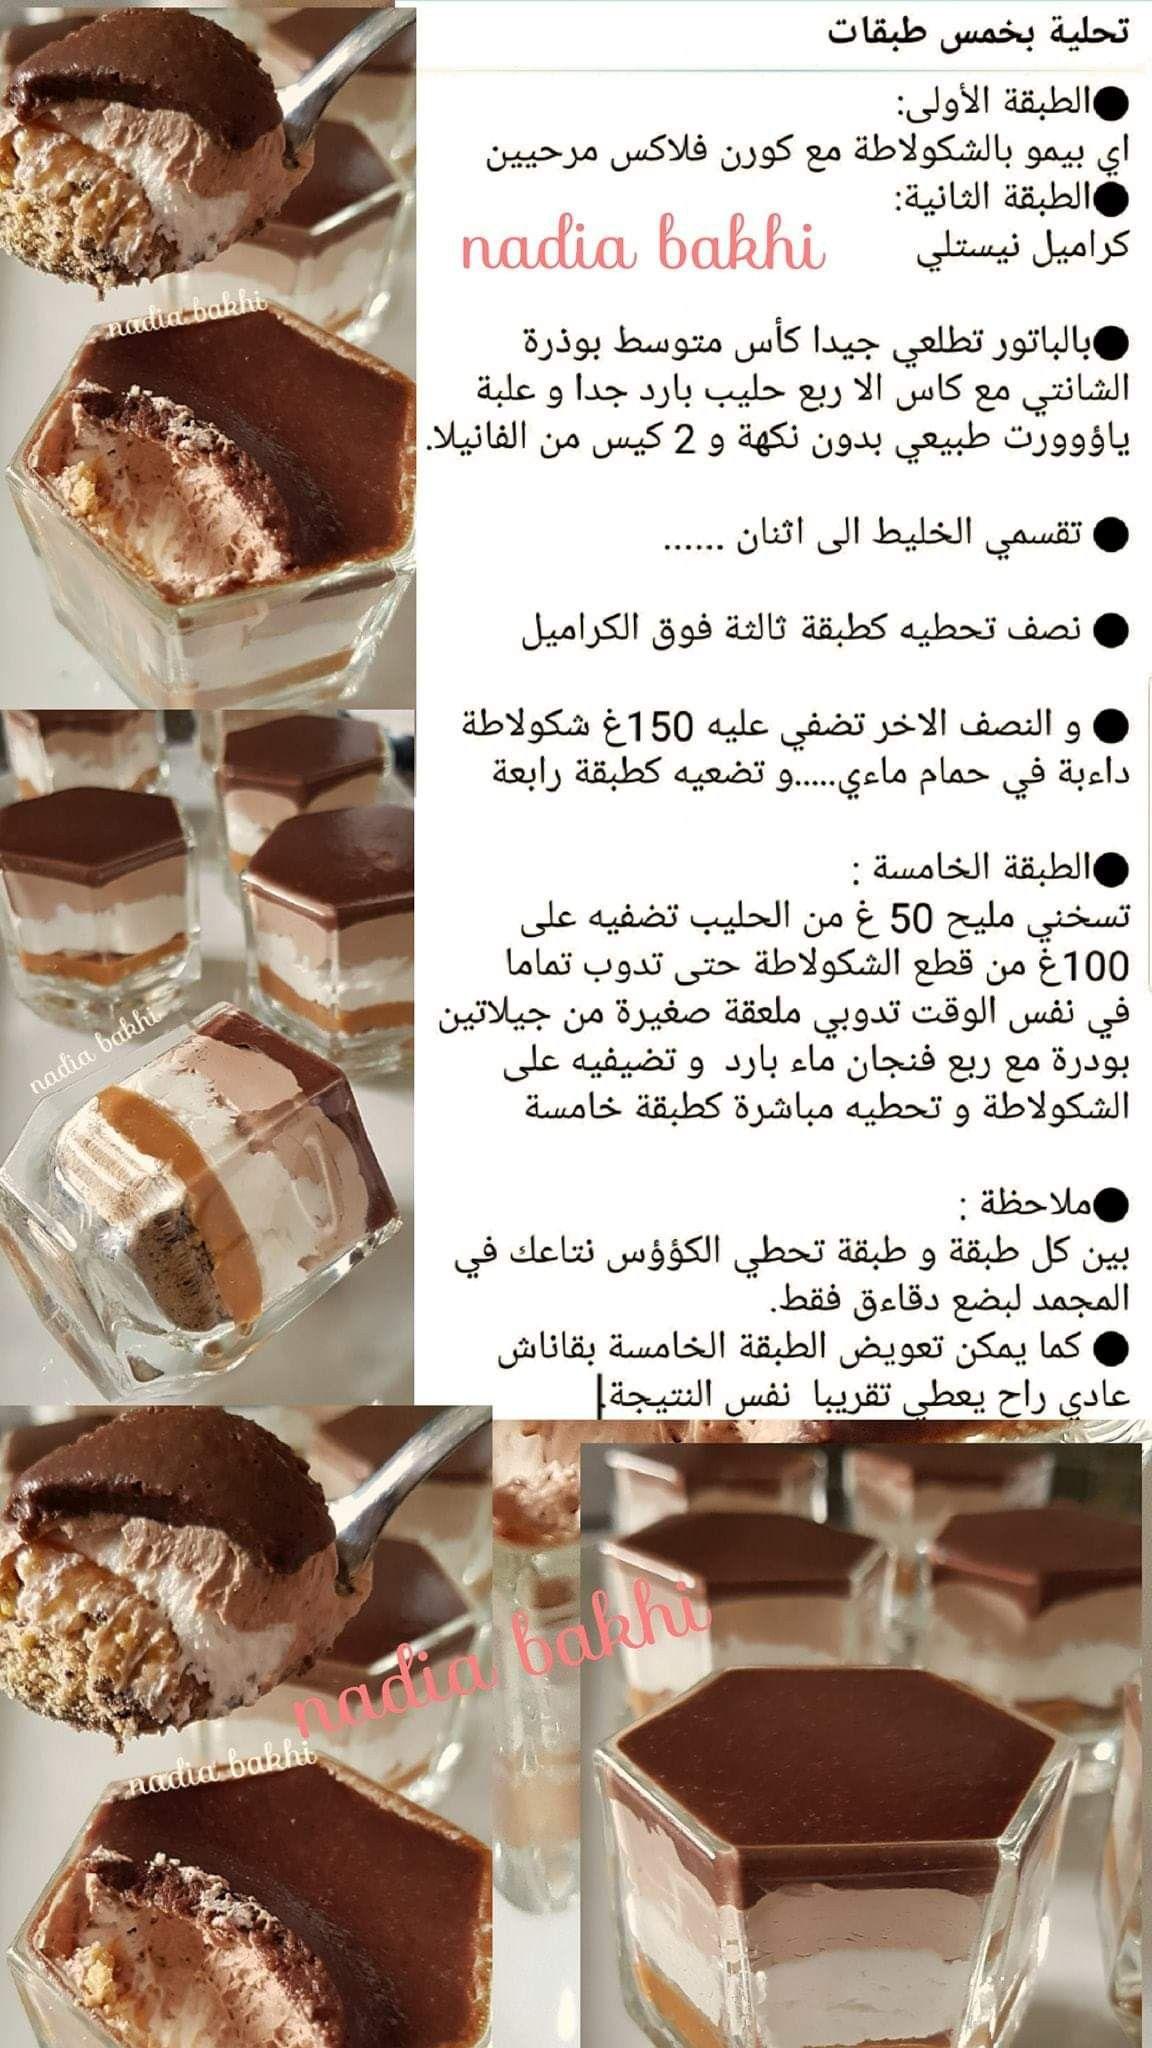 Dessert Desserts Cooking Recipes Desserts Yummy Food Dessert